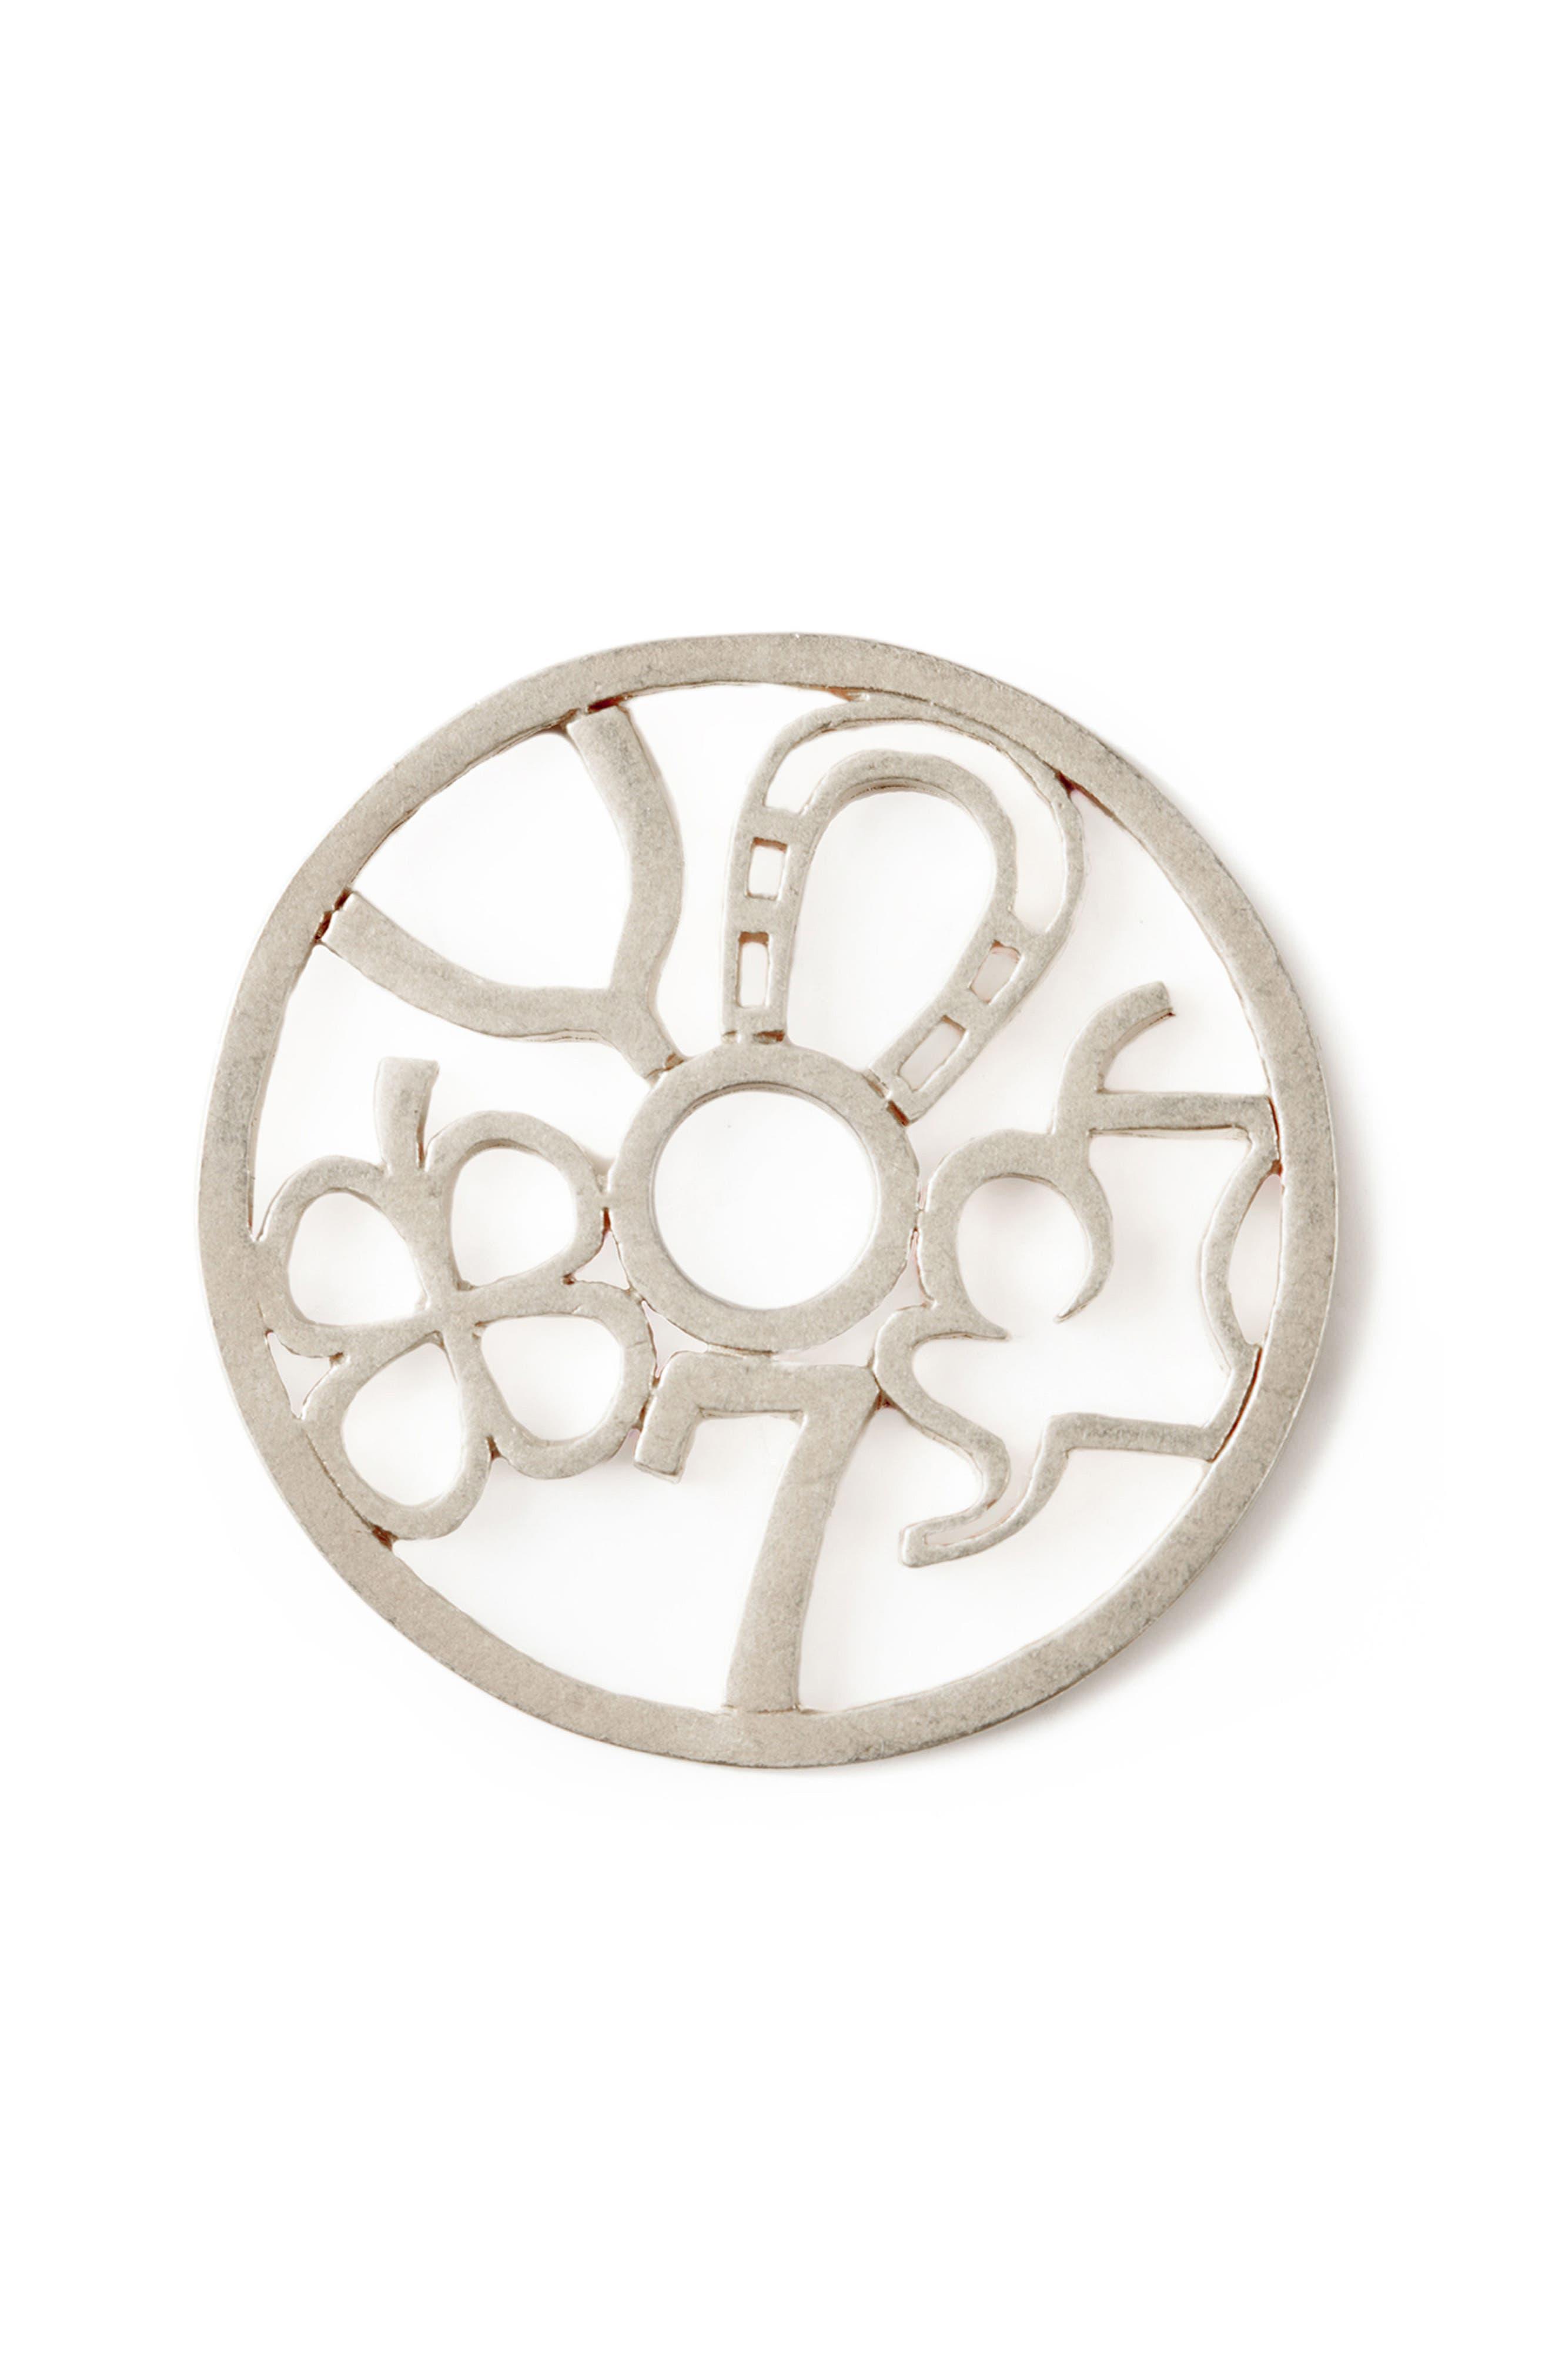 Pedalbox Wheel of Fortune Enhancer,                             Alternate thumbnail 3, color,                             040